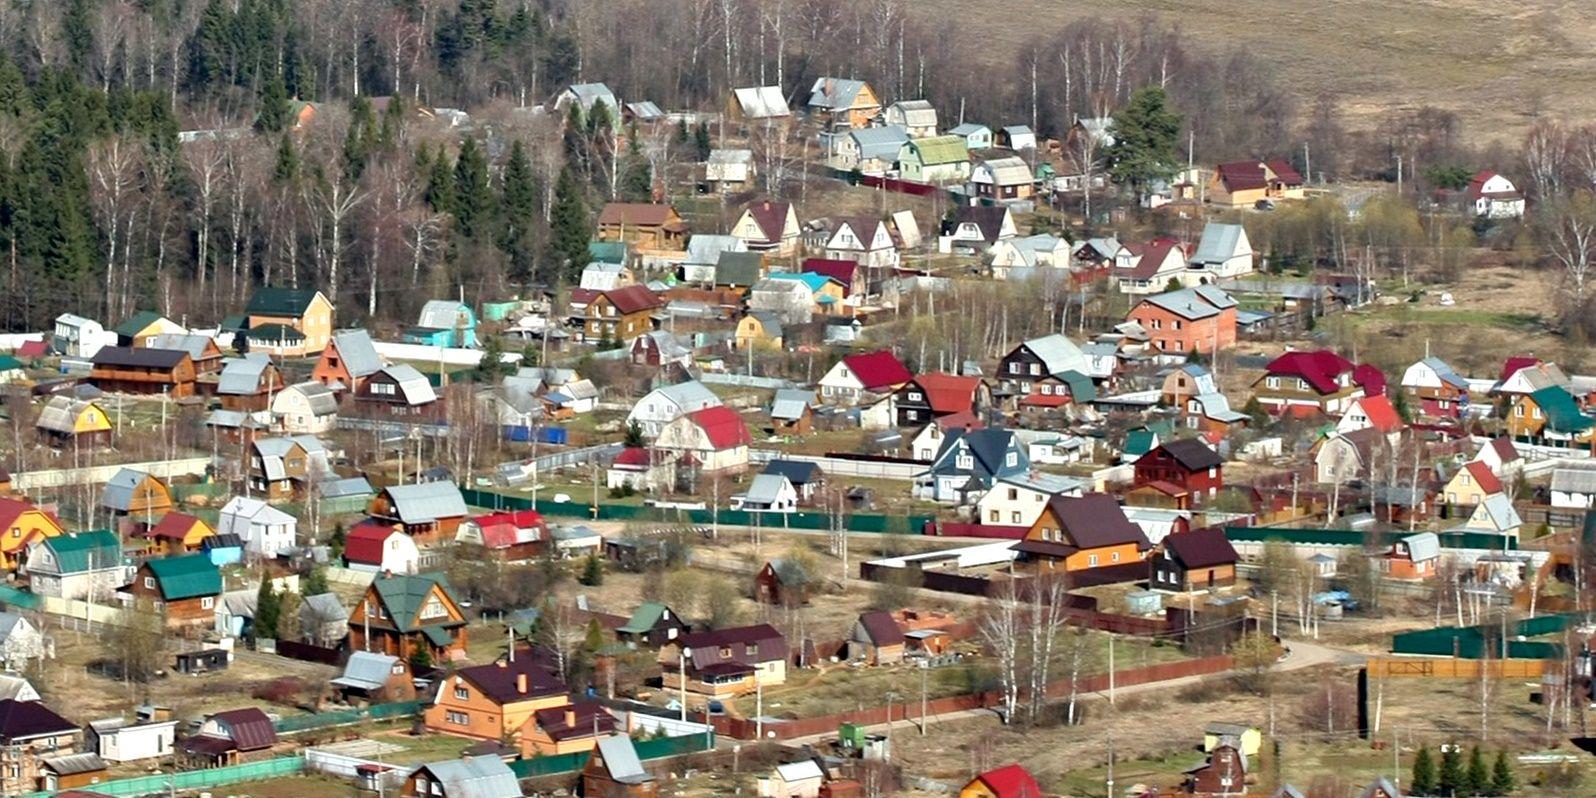 Московские пенсионеры могут заказать доставку дров на дачи